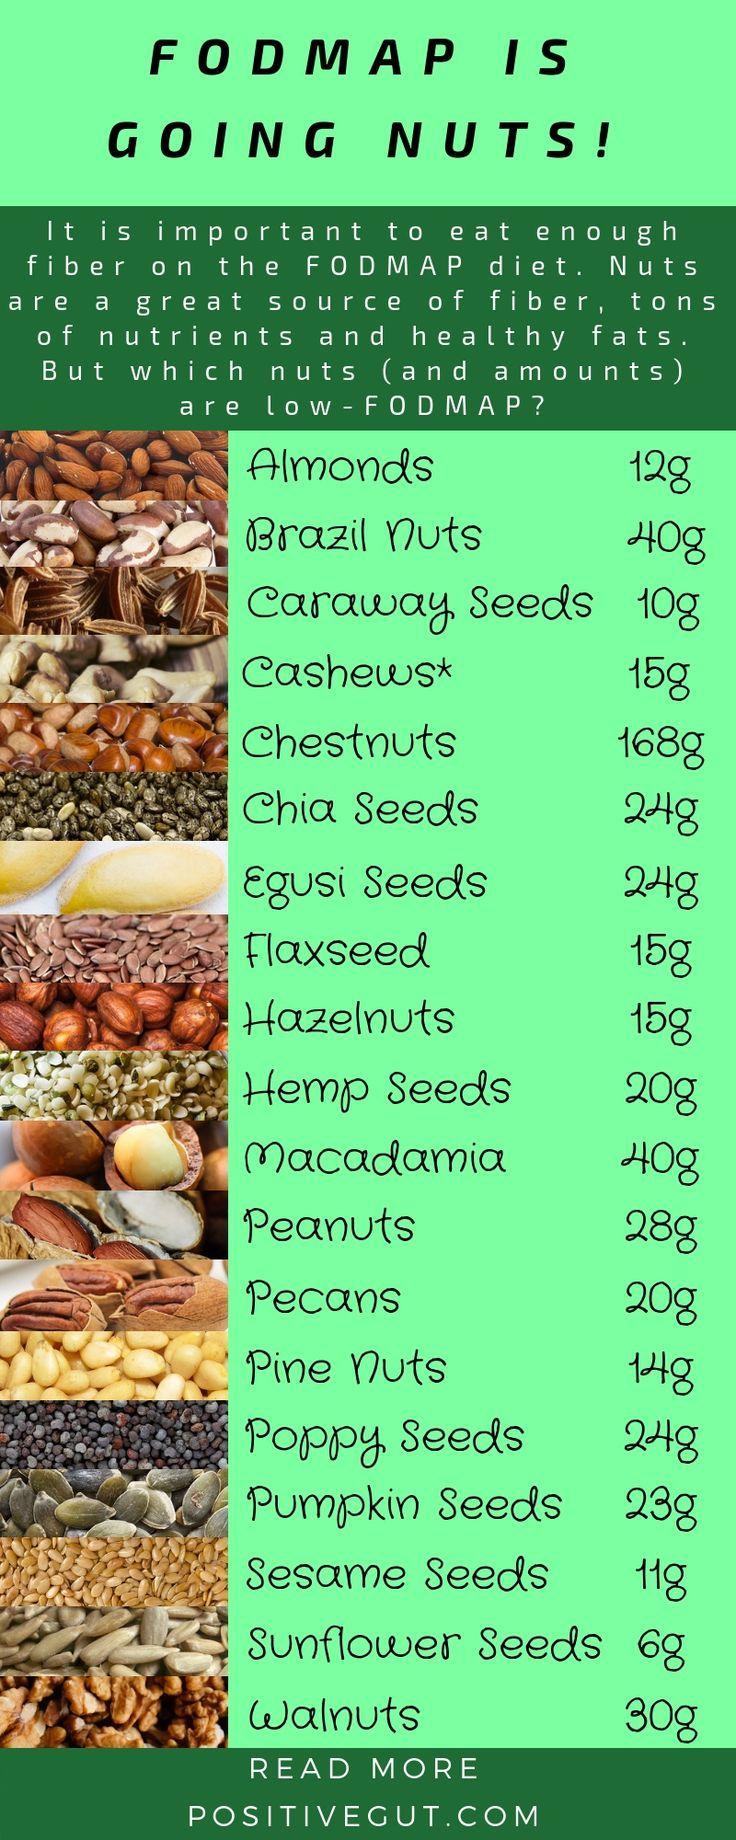 Low Fodmap Nuts Positive Gut Optimize Gut Health Fodmap Fodmap Diet Fodmap Diet Recipes